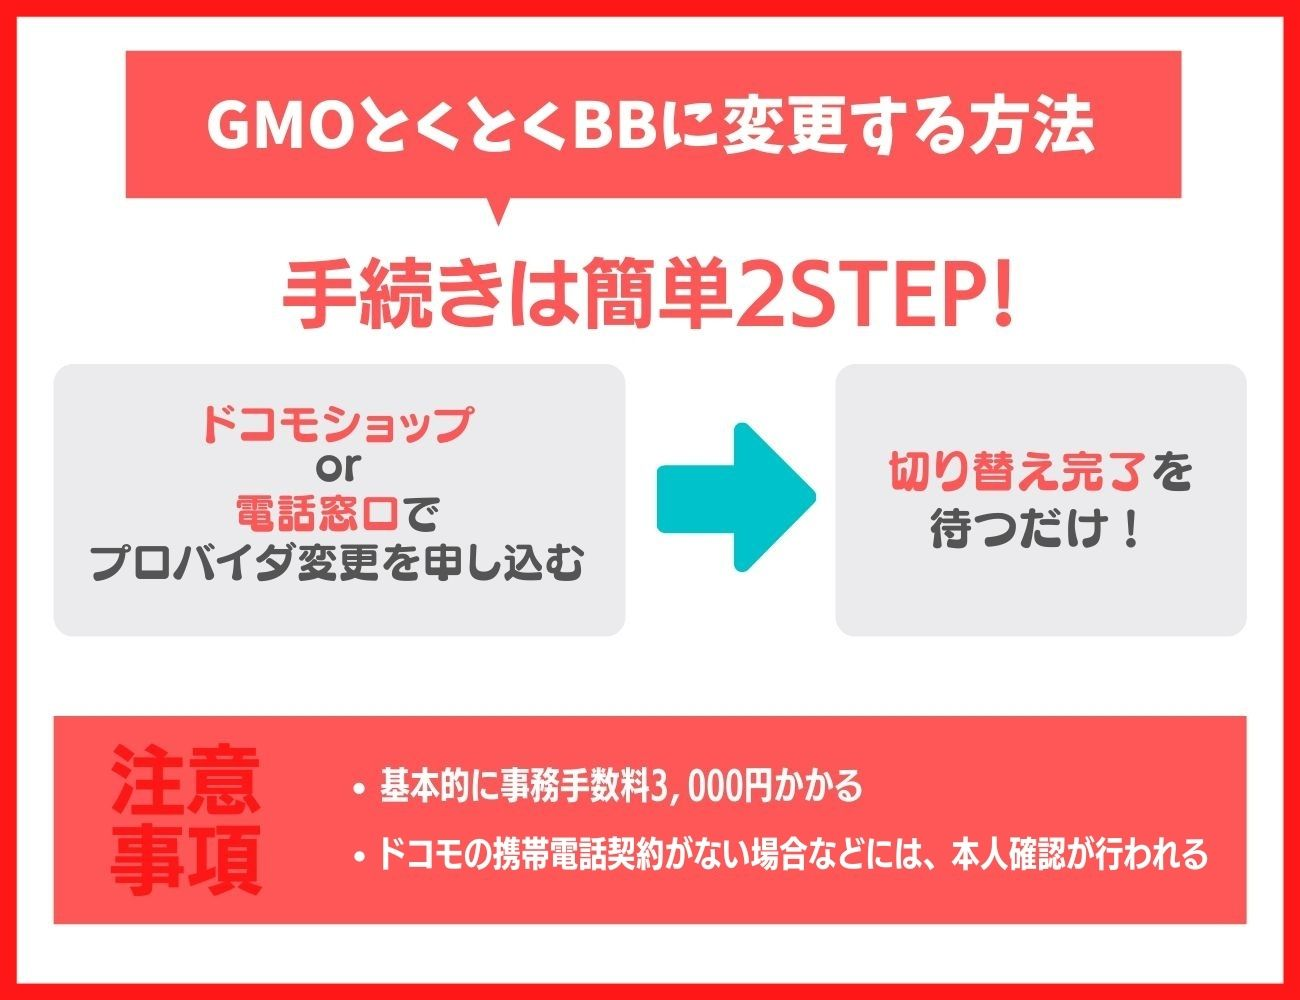 ドコモ光のプロバイダ変更でGMOとくとくBBにする方法